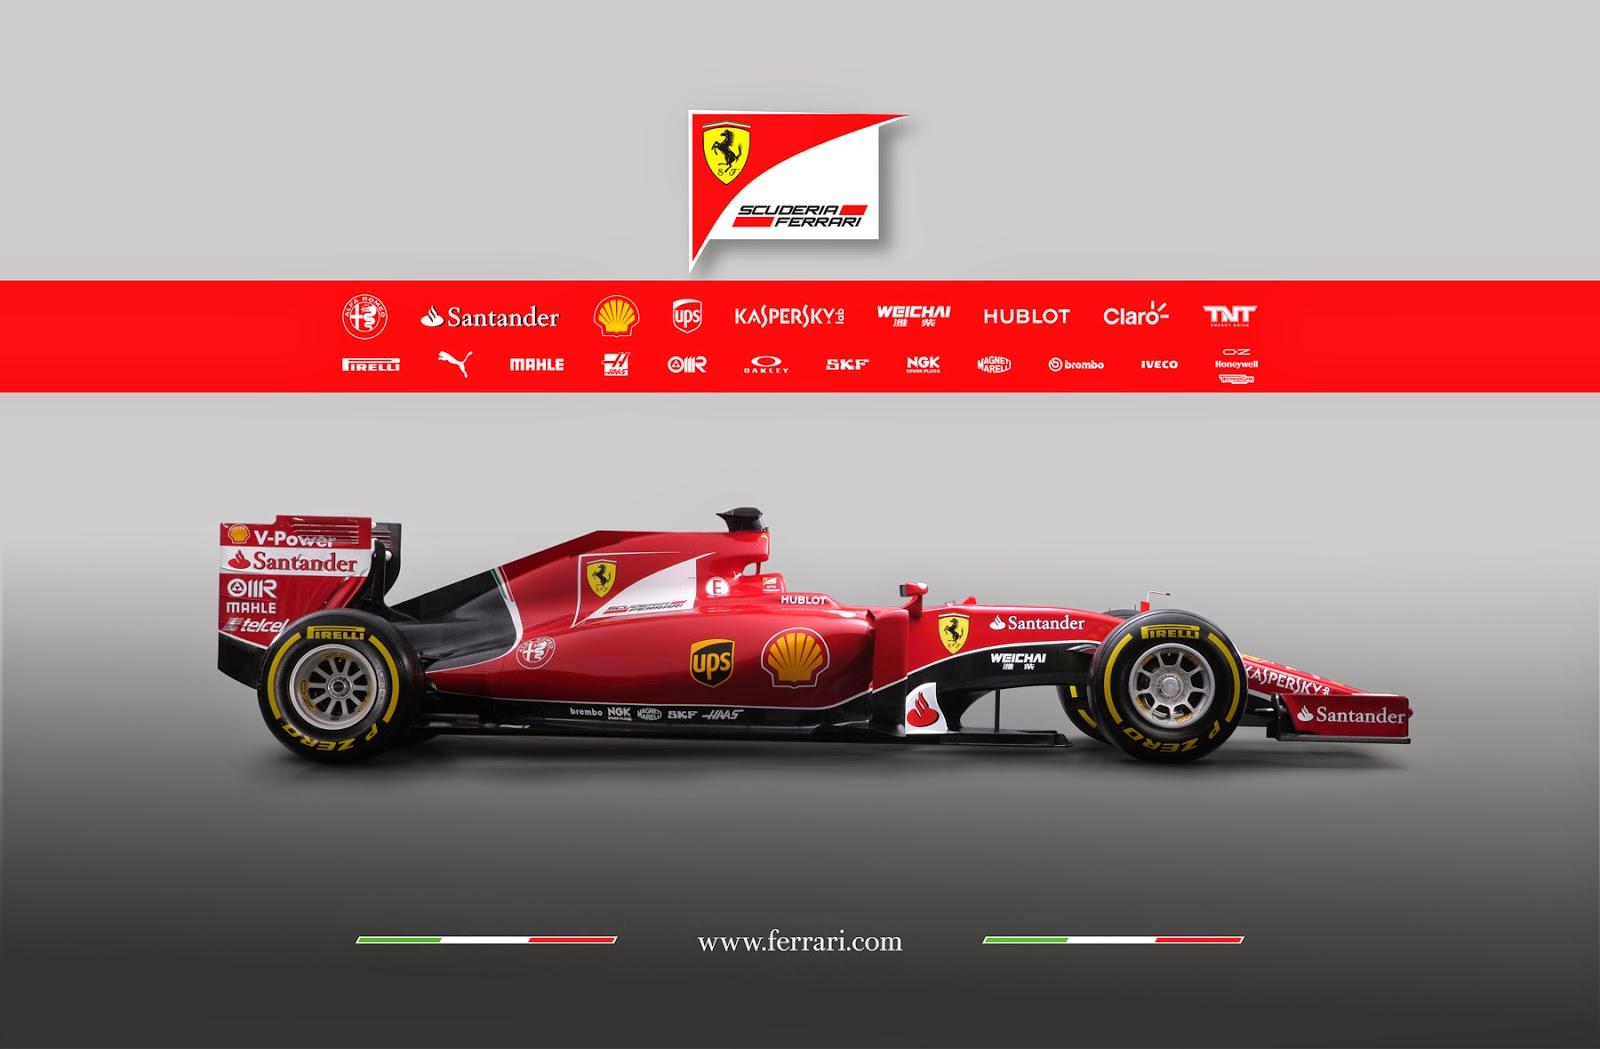 Ferrari Sf15 T 2015 F1 Wallpaper Kfzoom